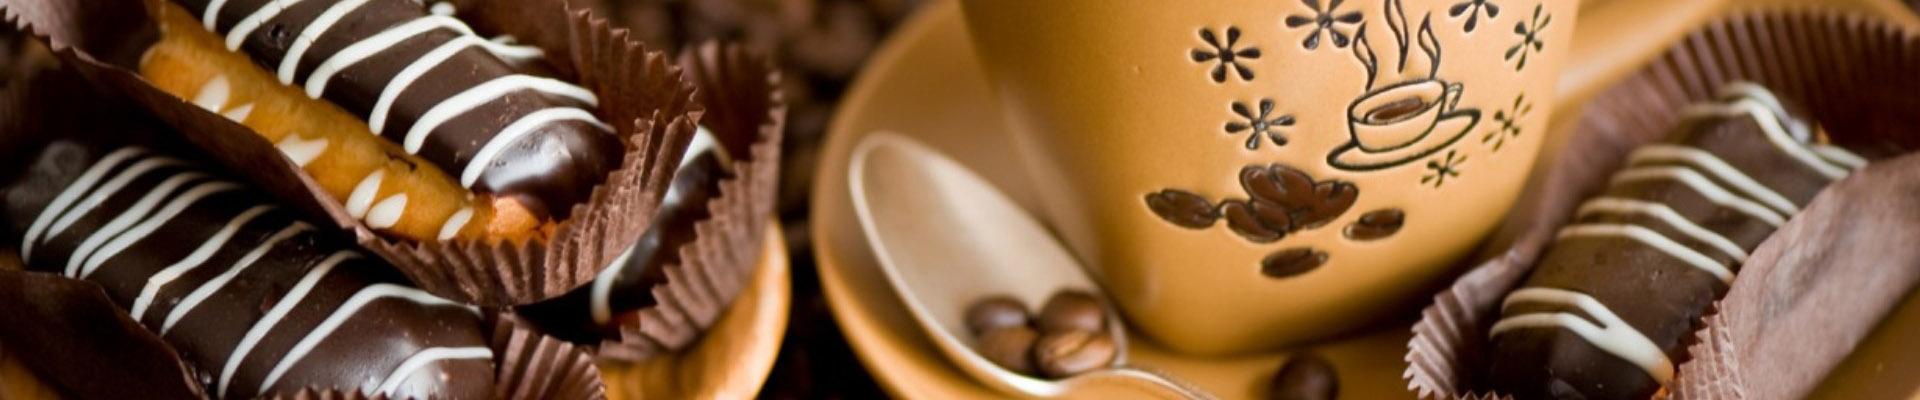 Чай, кофе и кондитерские изделия